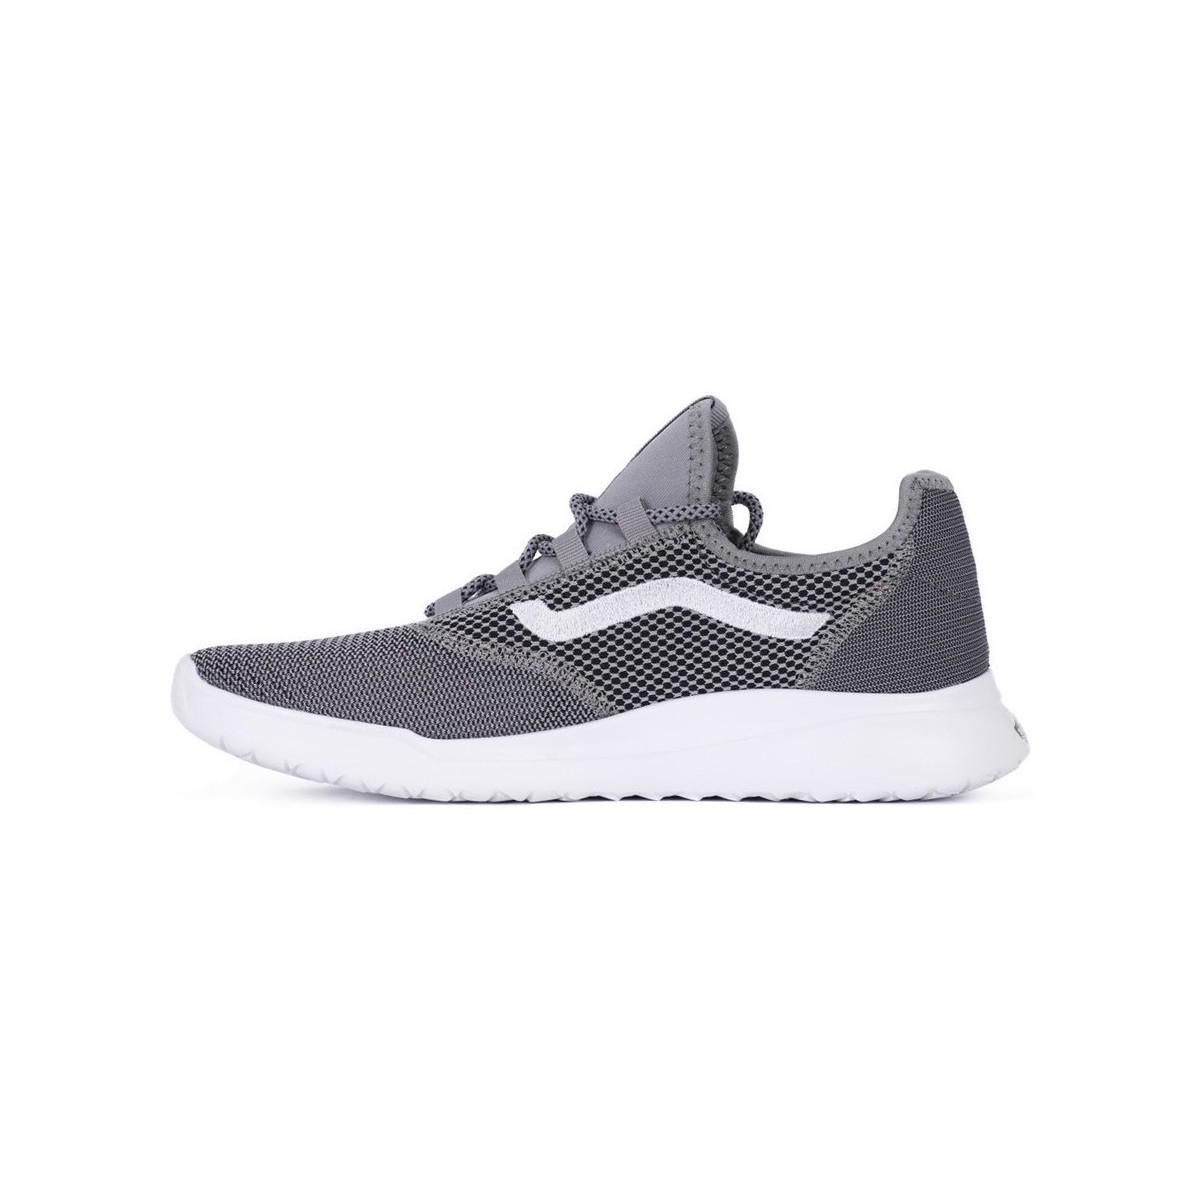 Adidas Busenitz Vulc ADV Skate Shoes Collegiate NavyLGH Solid Grey